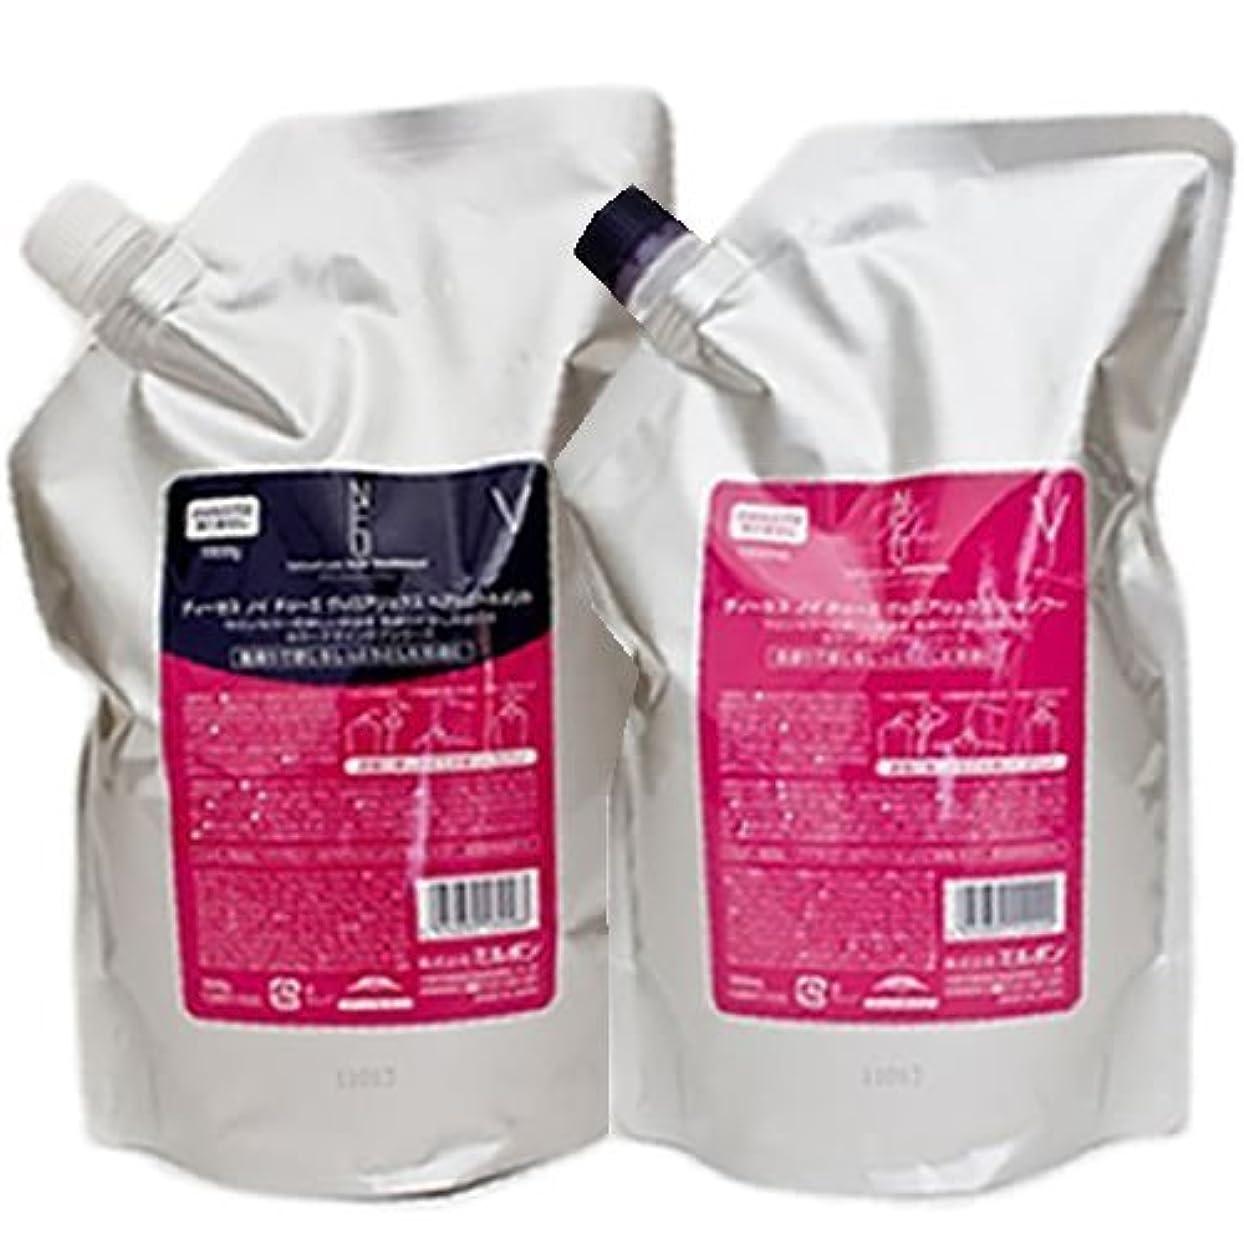 エンジニアリングシーフード香水ミルボン ディーセス ノイ ドゥーエ milbon ヴェロア シャンプー <1000mL>&トリートメント<1000g>詰め替え セット